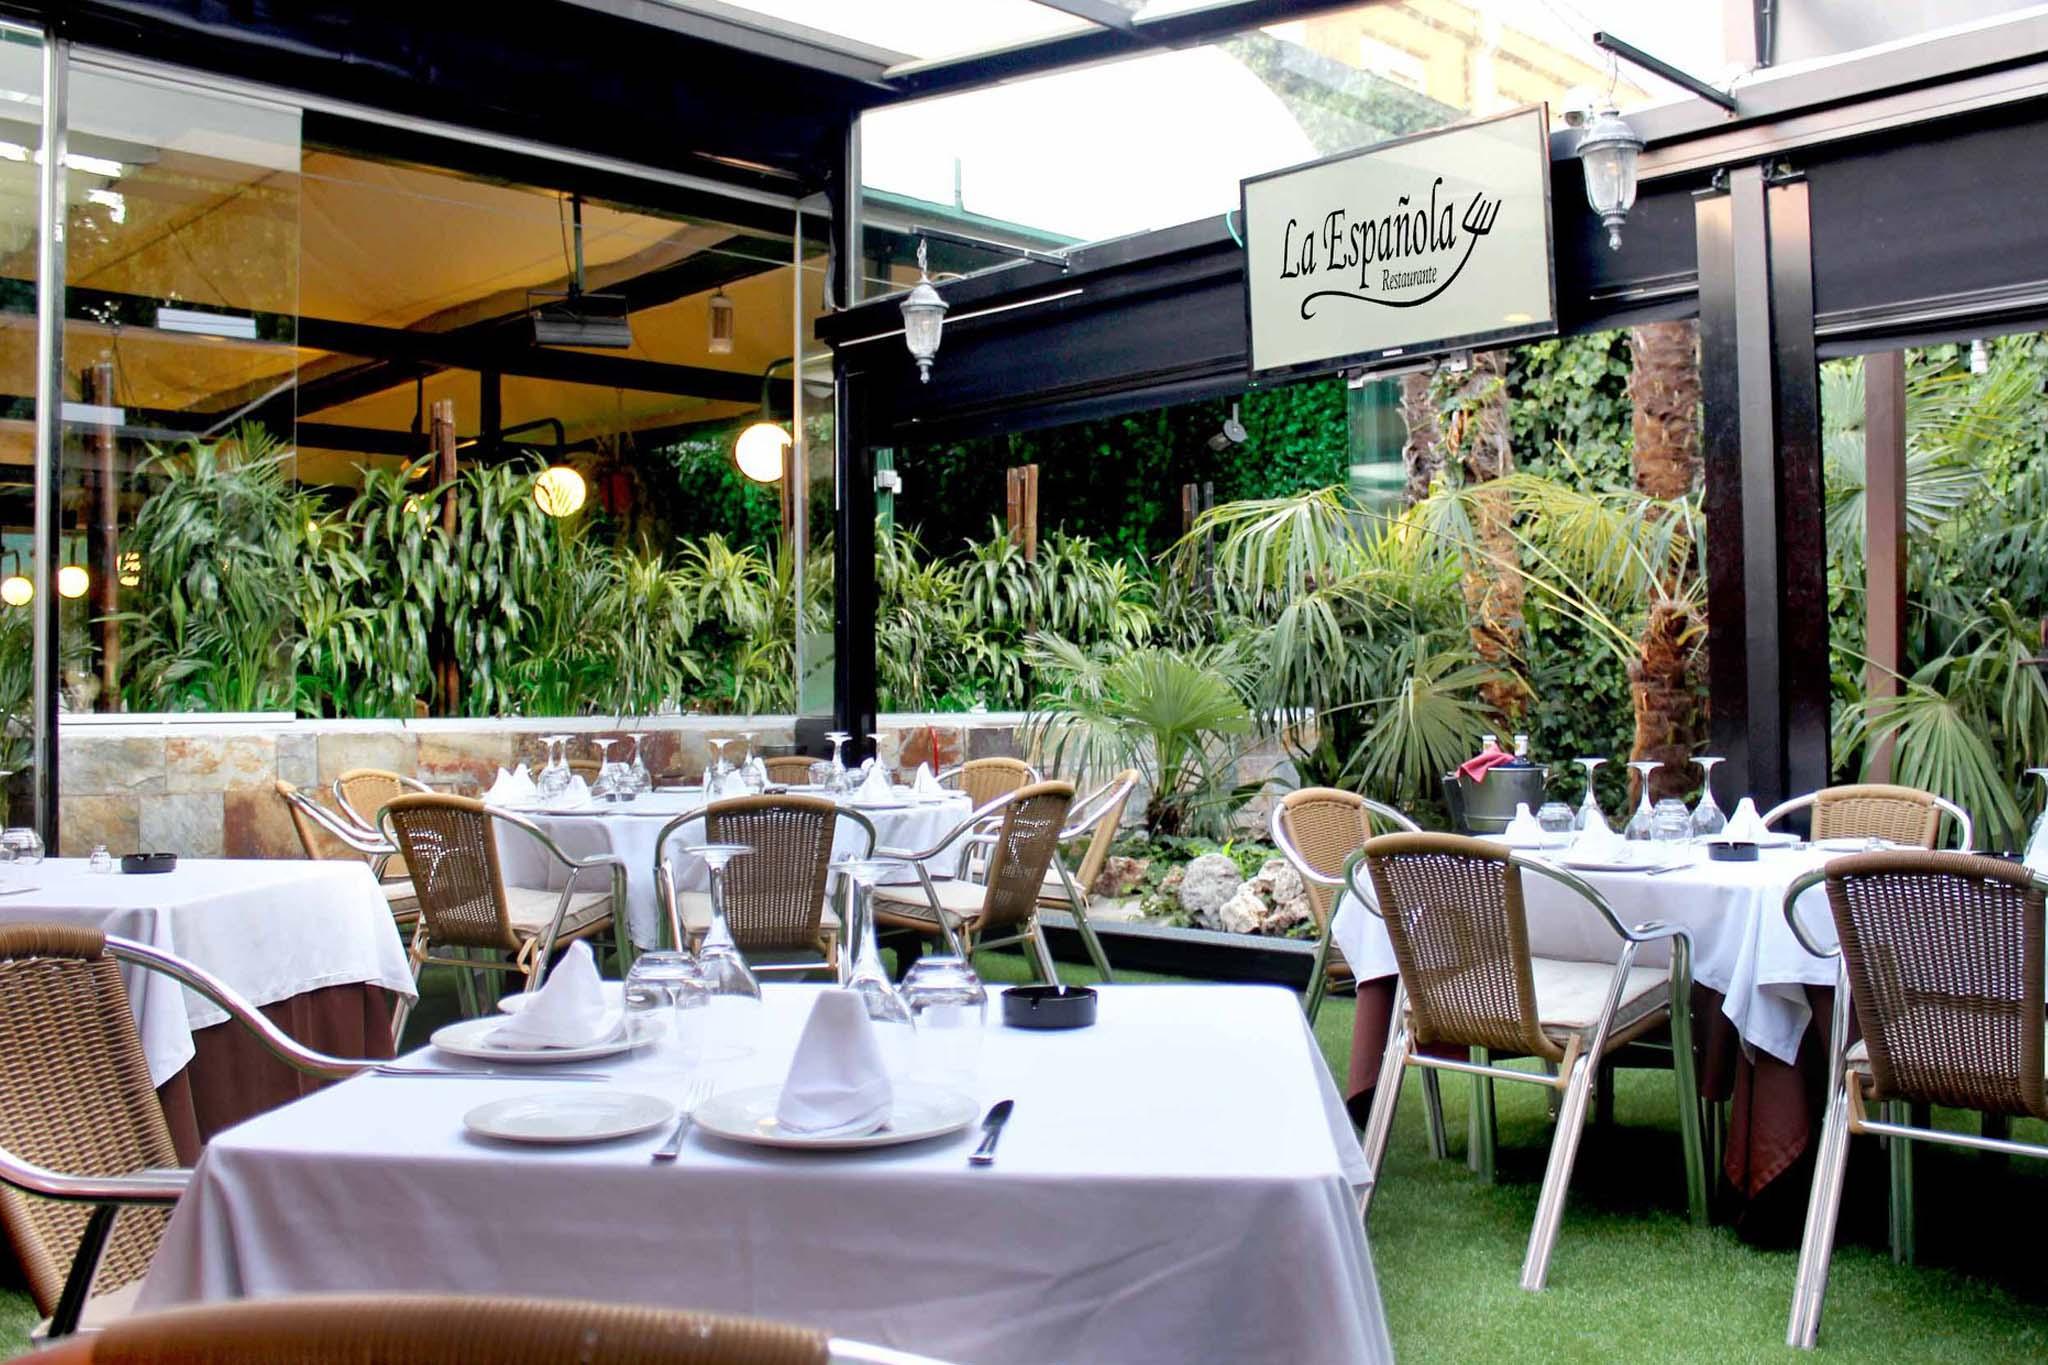 Terraza Privada Restaurante La Espanola Pozuelo De Alarcon Eventos Madrid Restaurante La Espanola